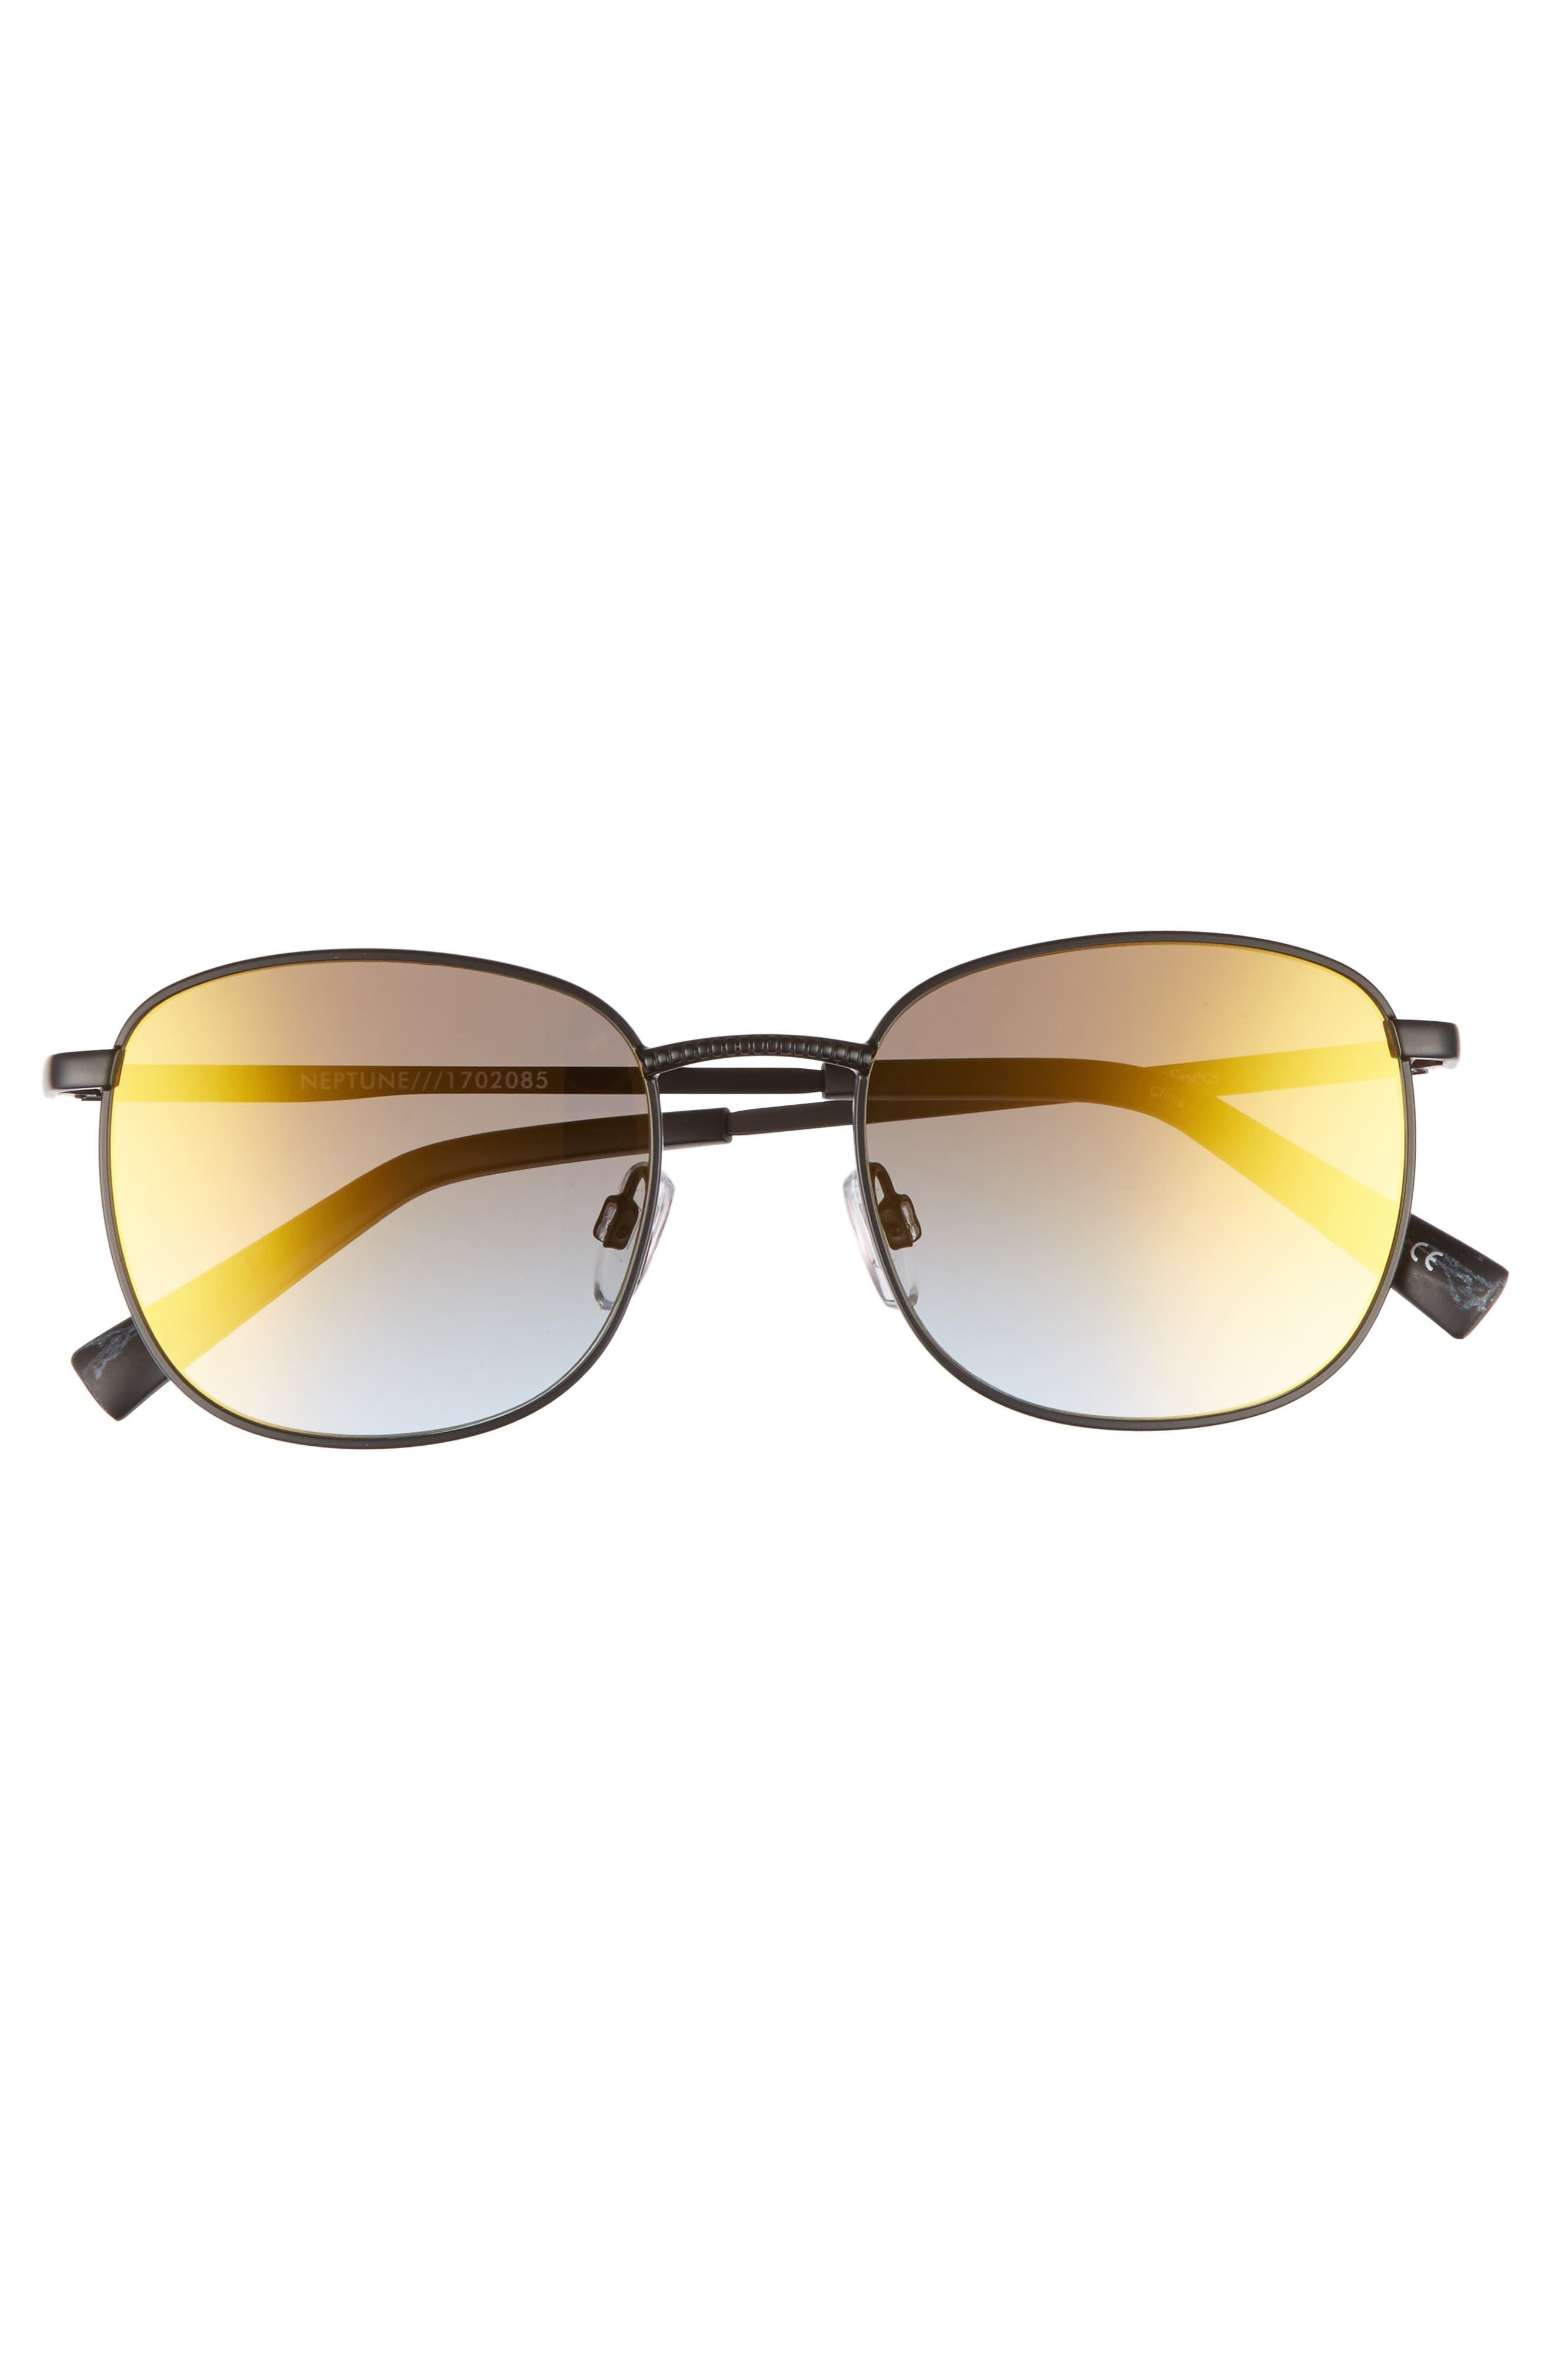 Neptune 49mm Sunglasses,                             Alternate thumbnail 3, color,                             Matte Black